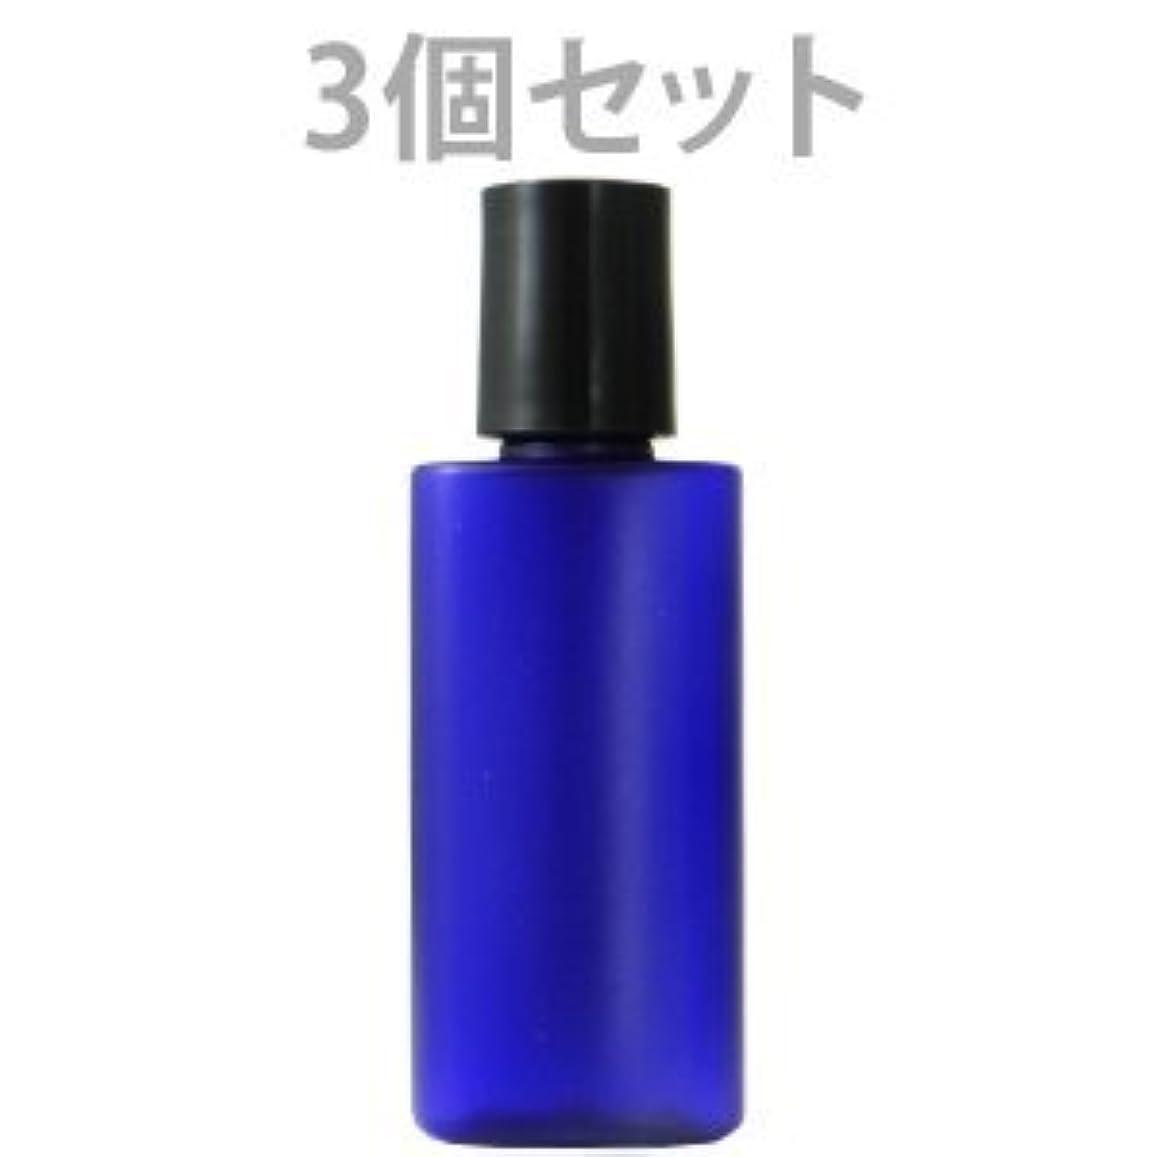 ロビー批評反抗遮光 ミニプラボトル 容器 青 20ml 3個セット